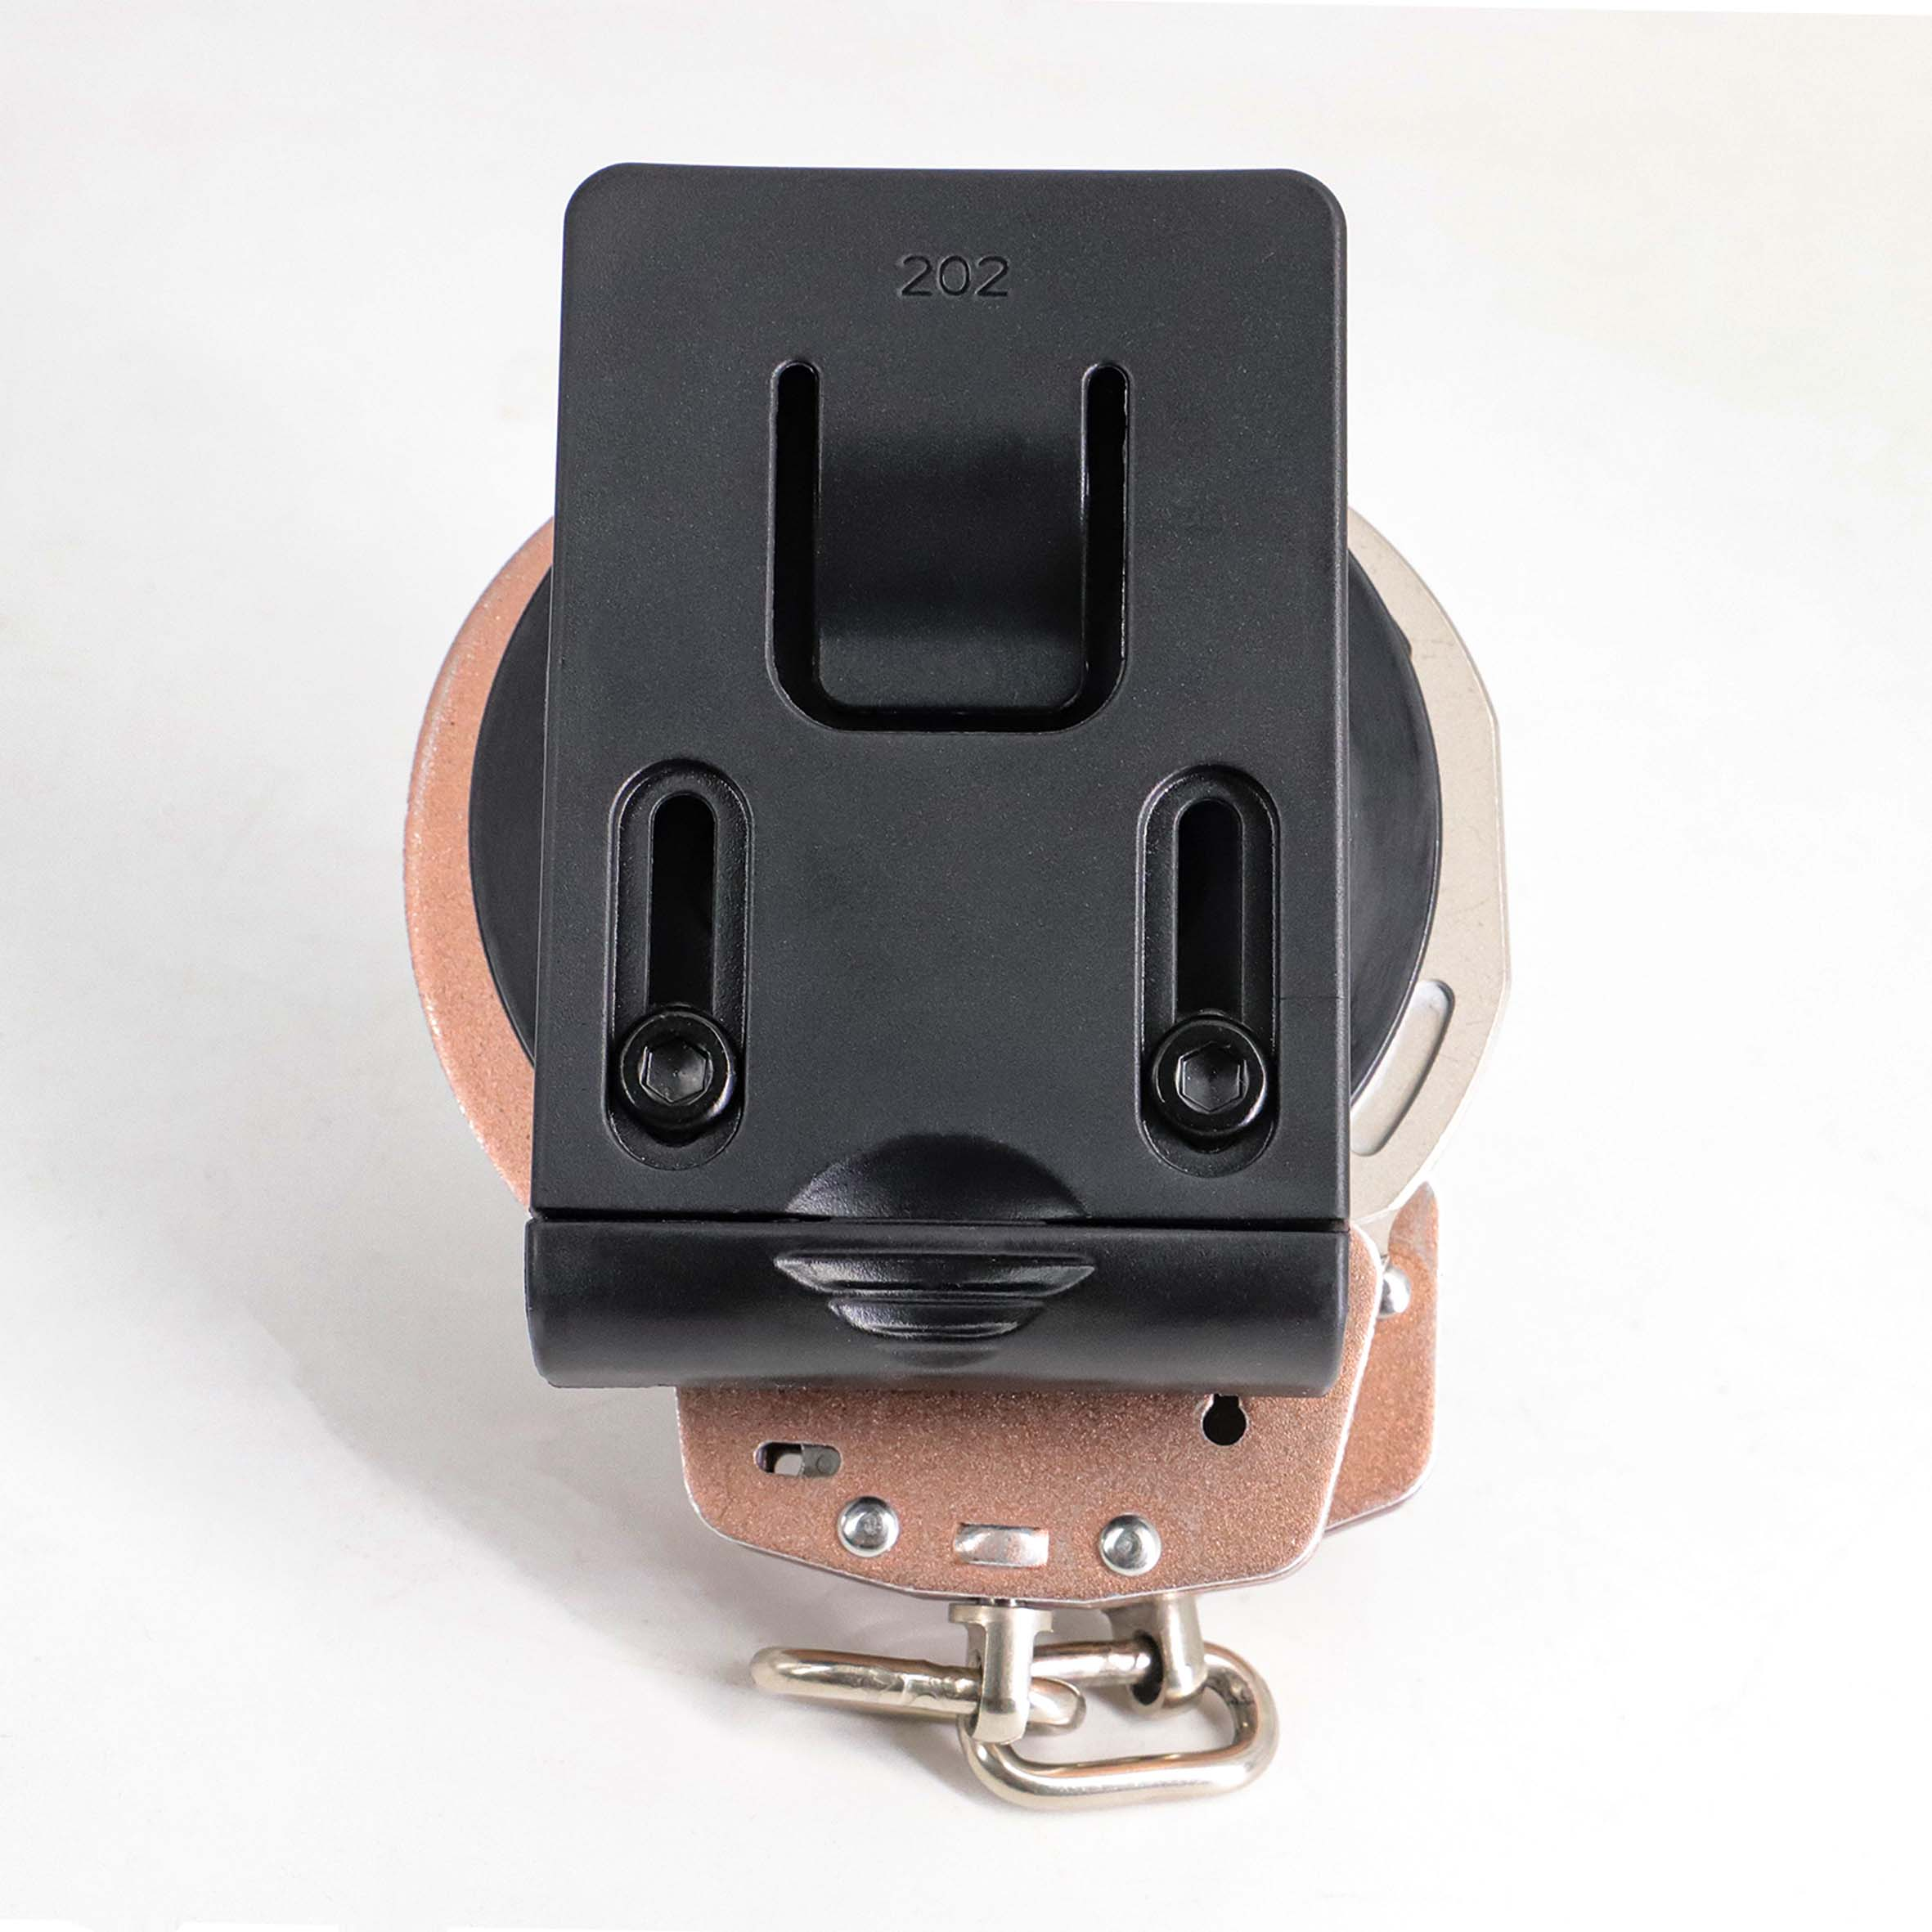 Держатель наручных манжет для правоохранительных органов военный стандарт чехол для наручных манжет черный пользовательский Топ Открытый Чехол для наручных манжет